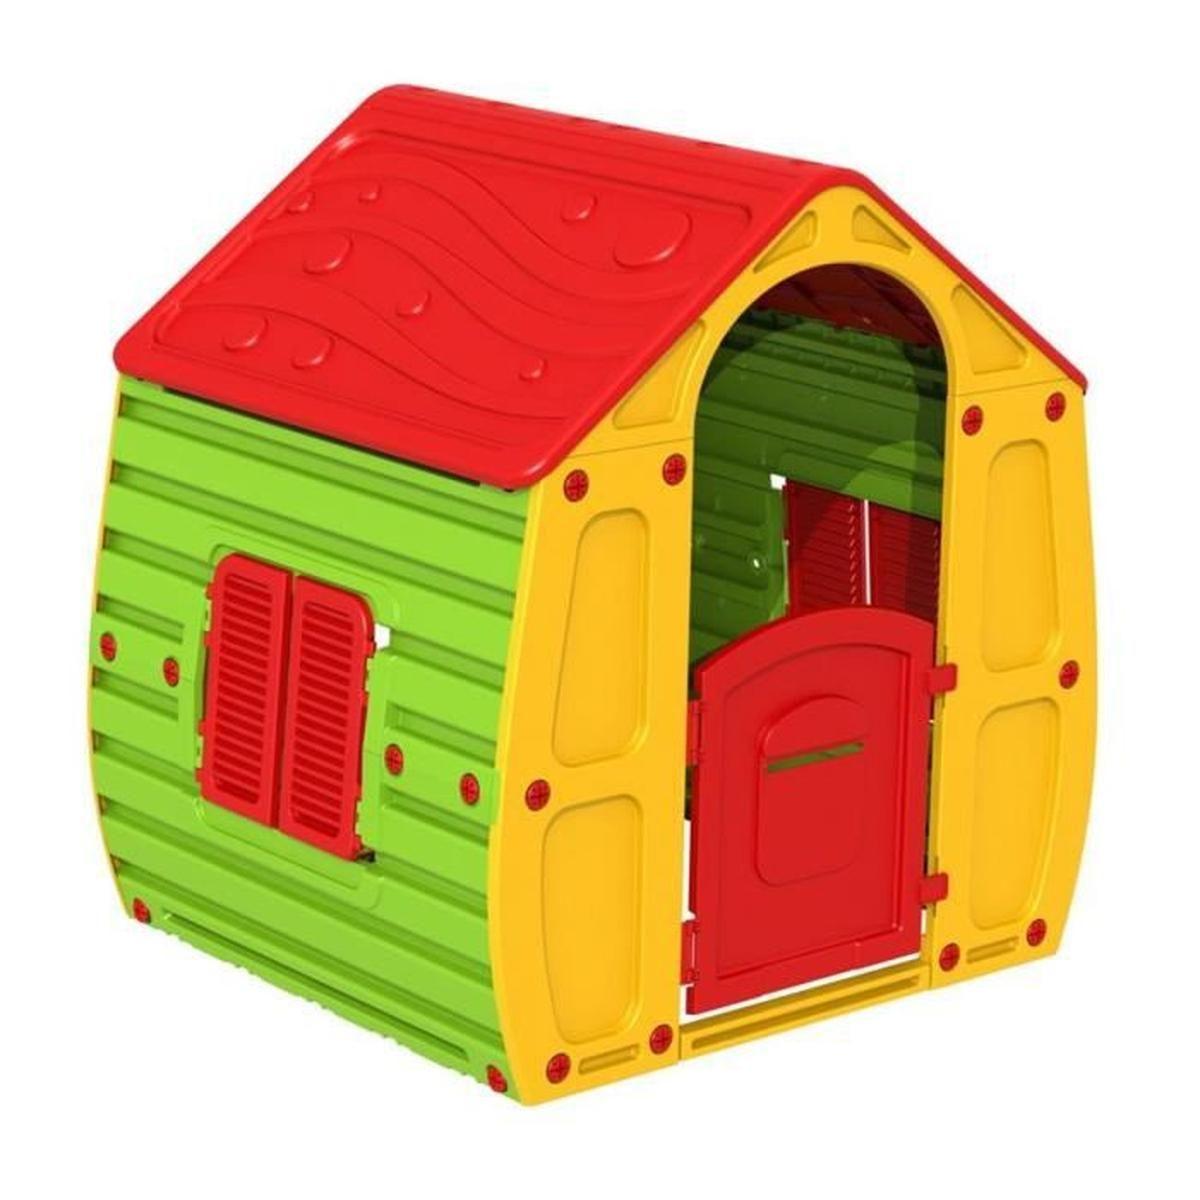 Enfants Magiques Jouer Maison Enfants Jardin - Achat / Vente ... serapportantà Maison Jardin Smoby